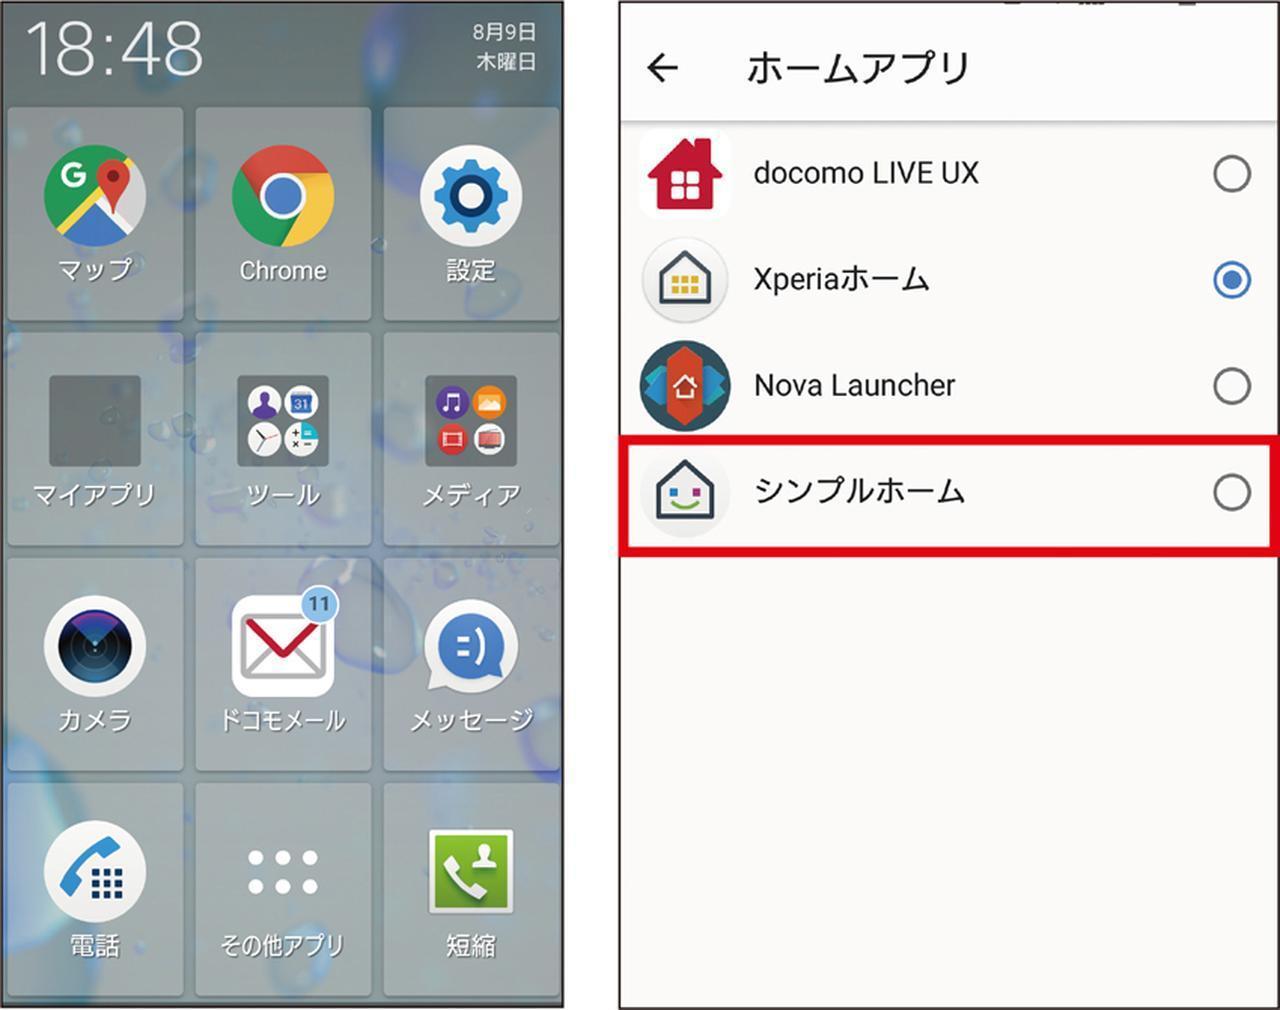 画像: ドコモのXperia XZ2の場合。メーカー製の「Xperiaホーム」や初心者向けの「シンプルホーム」に変更可能。「Playストア」からダウンロードしたホームアプリにも切り替えられる。